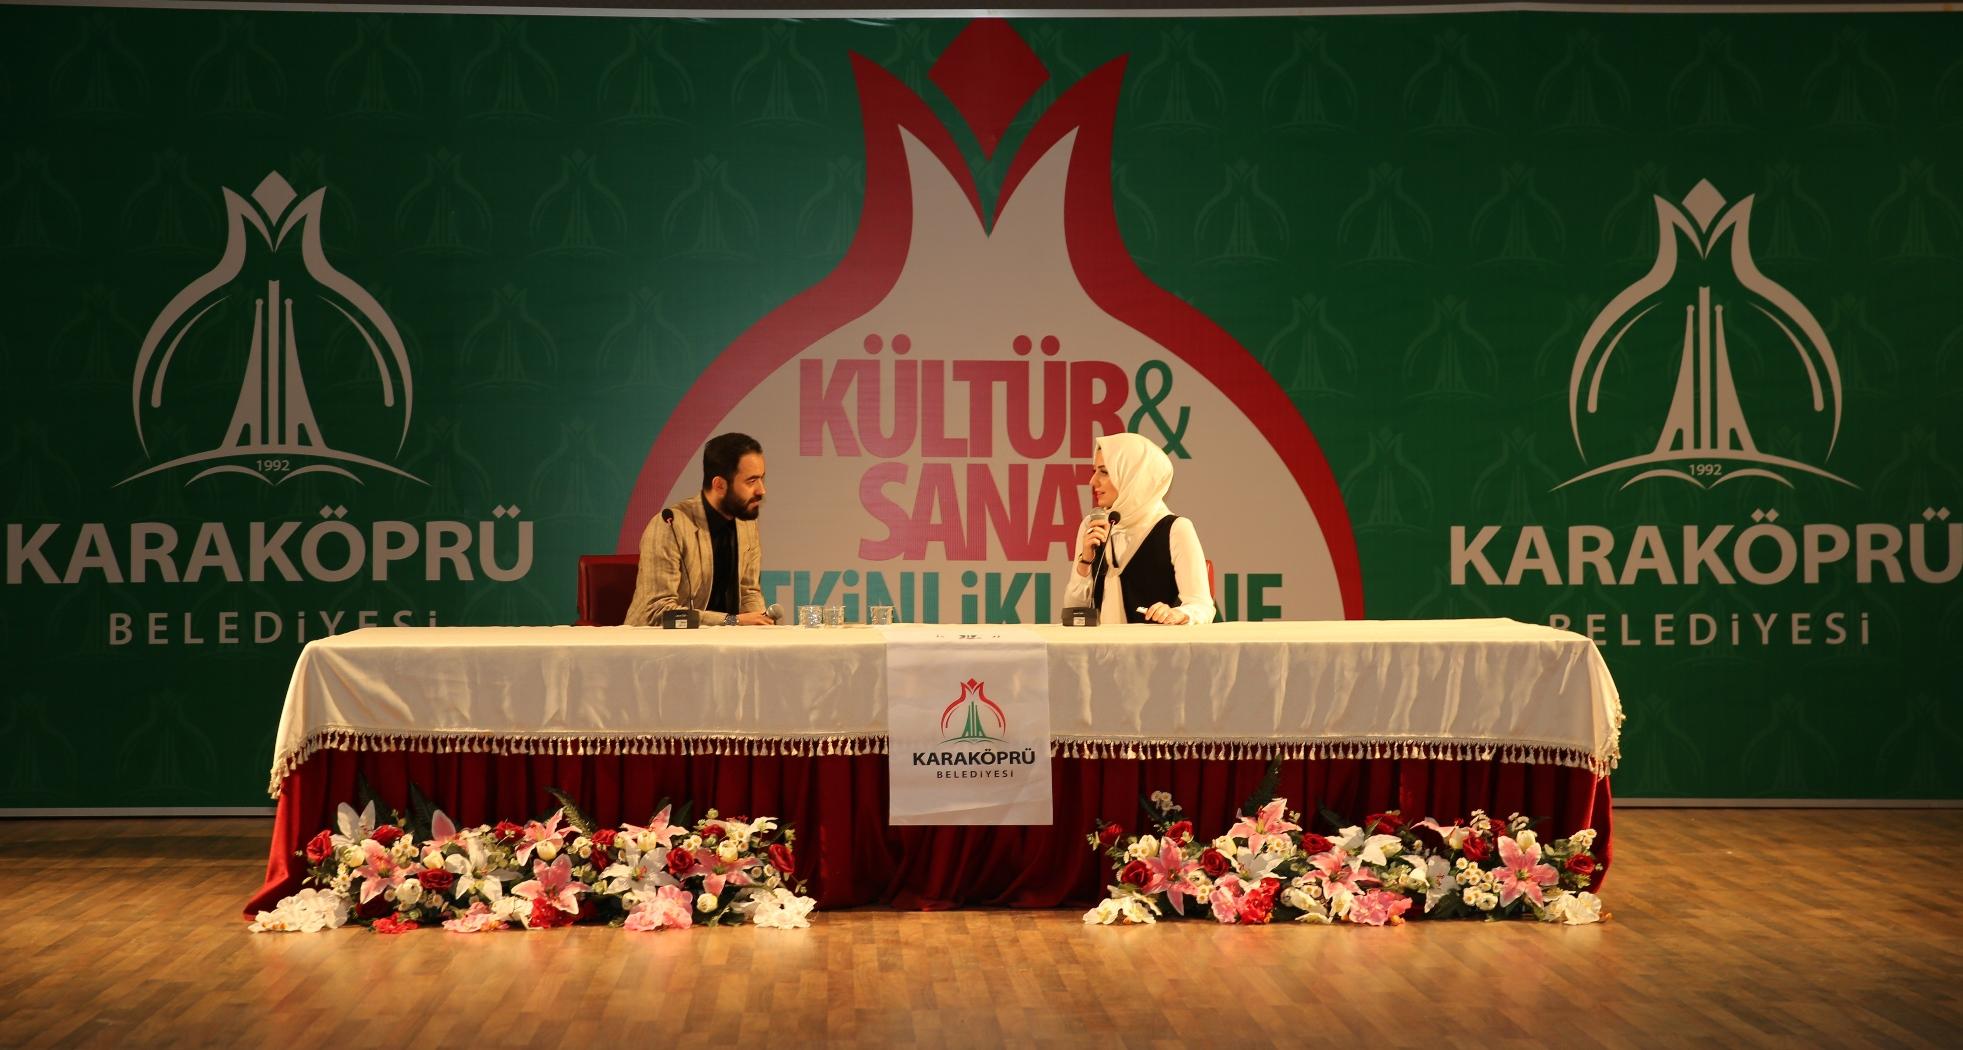 Sultan dedesini Urfalılara anlattı